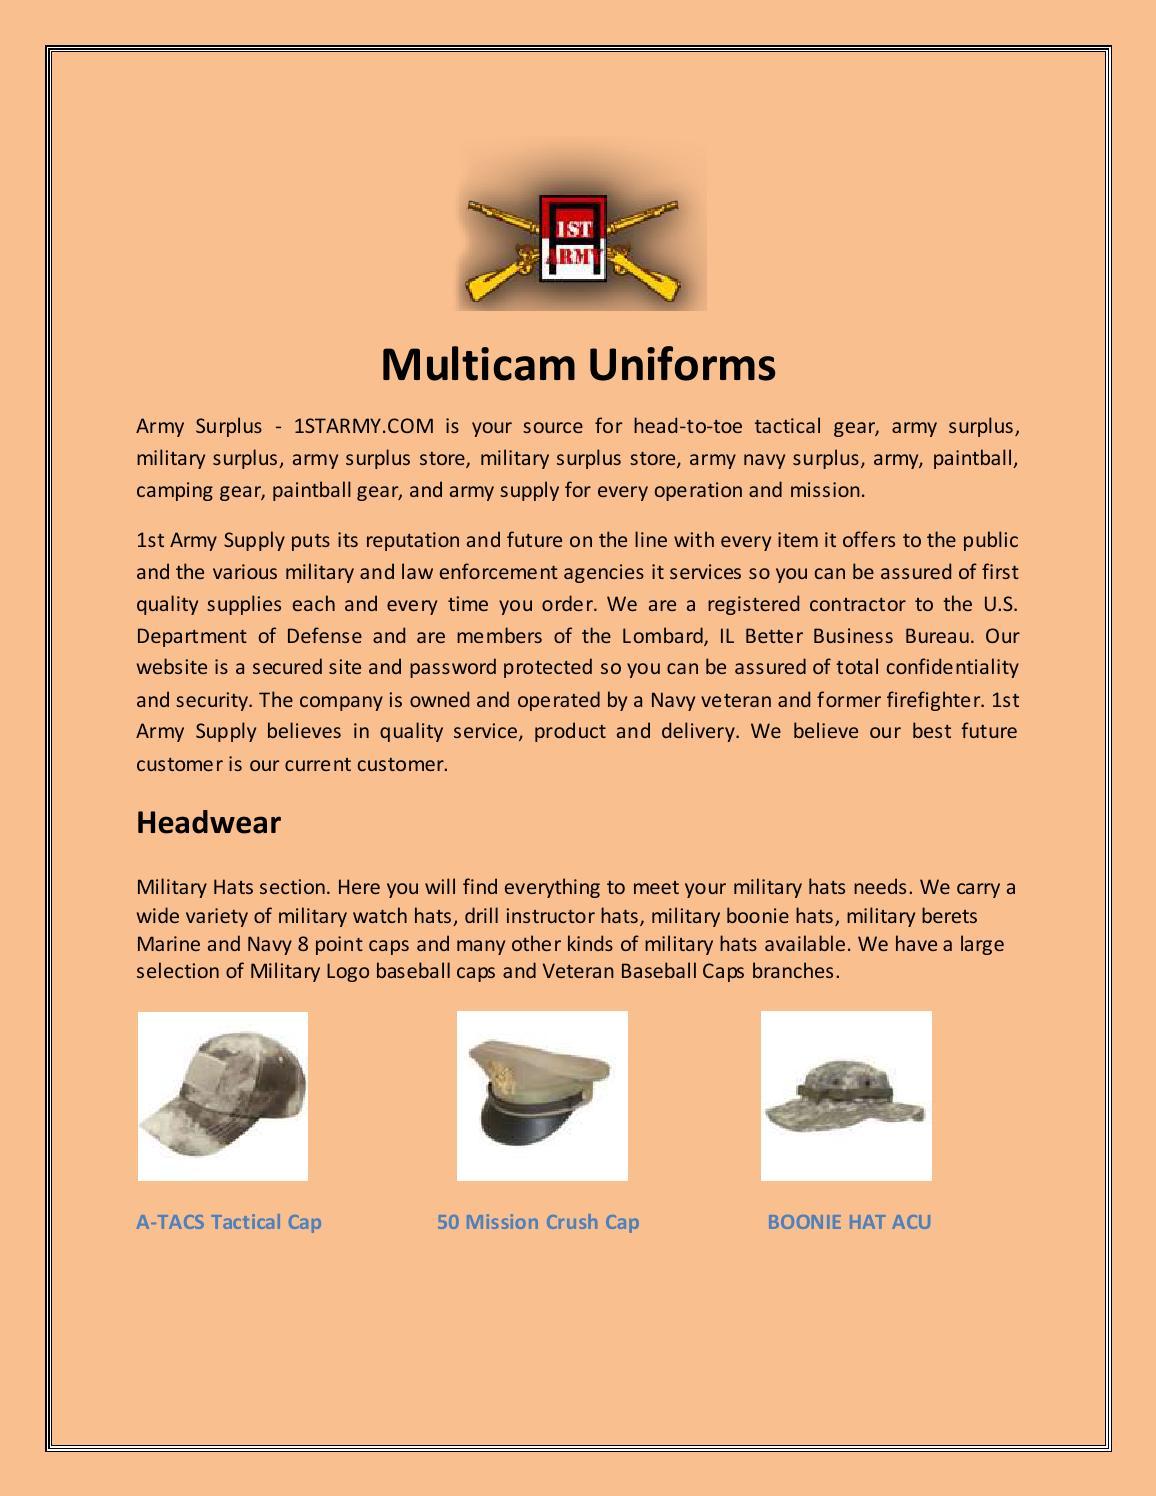 Multicam uniforms by Army Supply - issuu